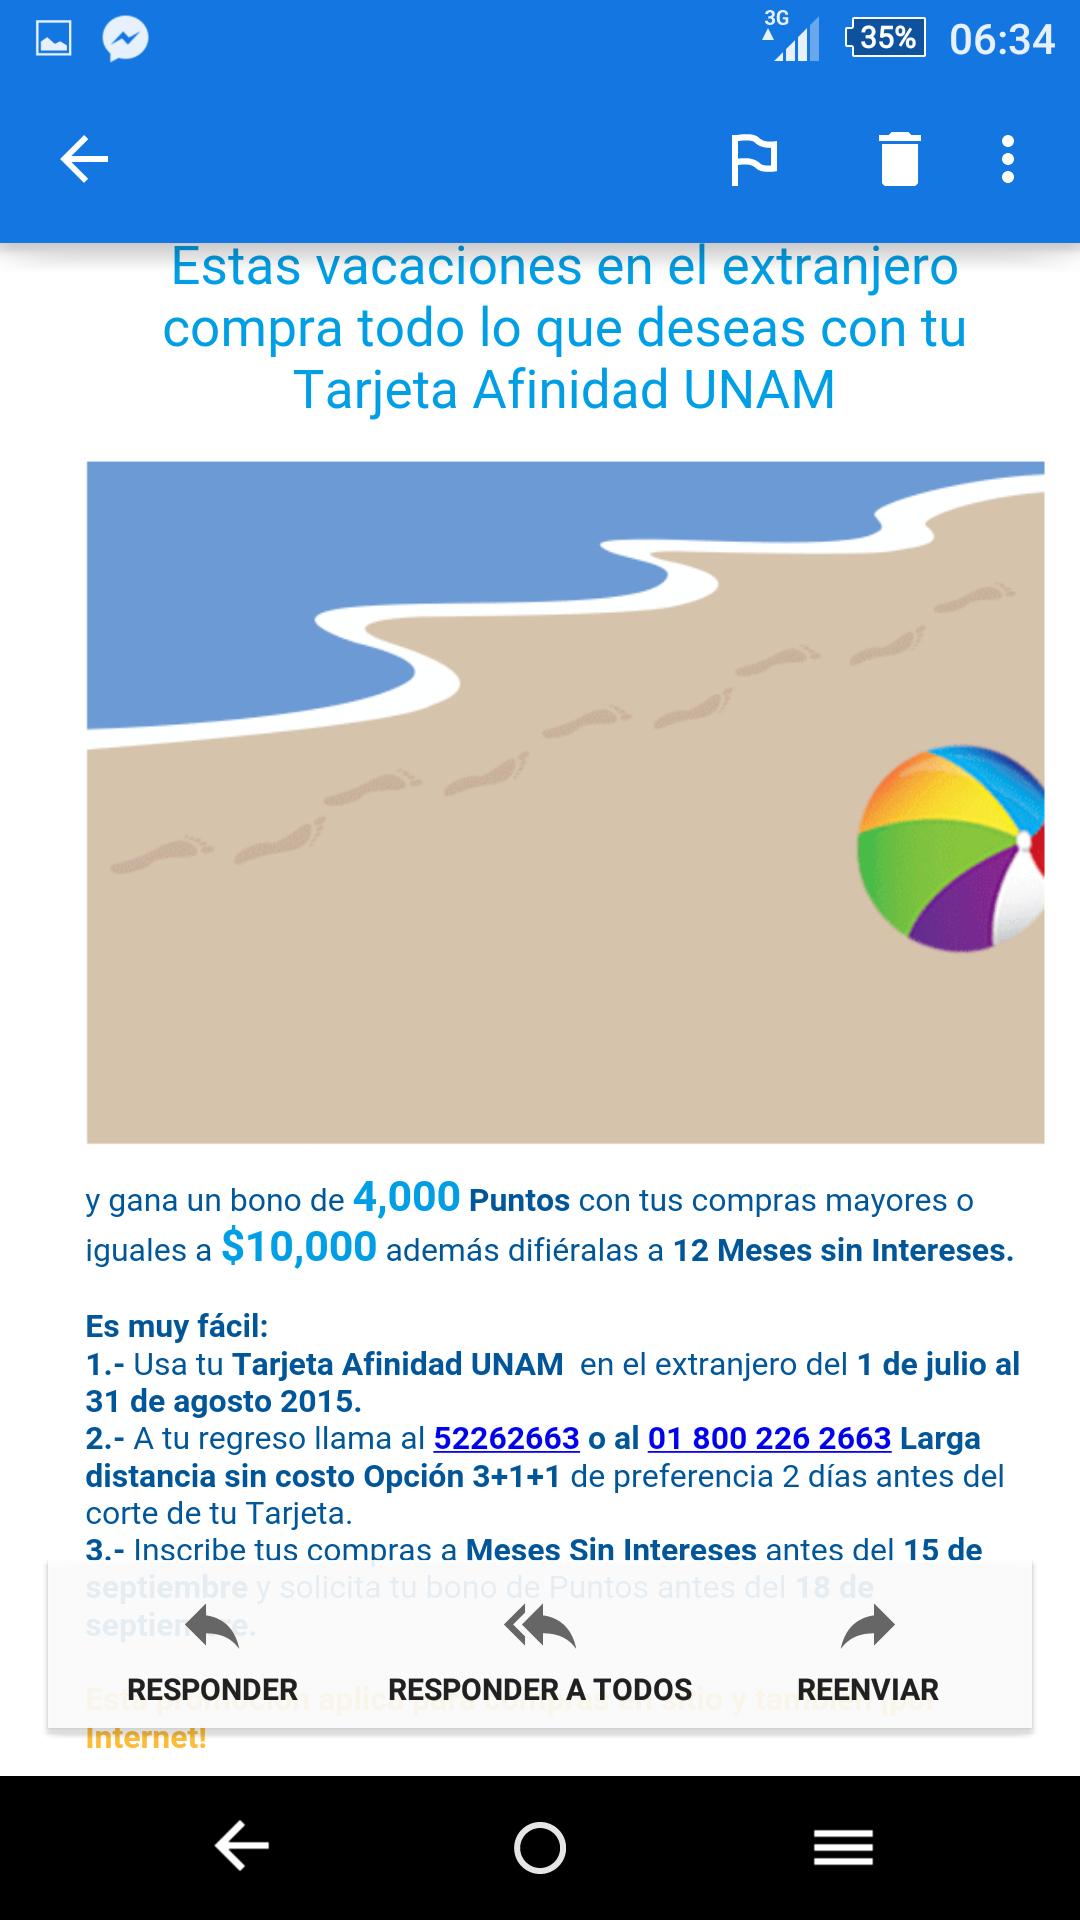 Bancomer/tarjetas de crédito bono 4000 puntos 12msi